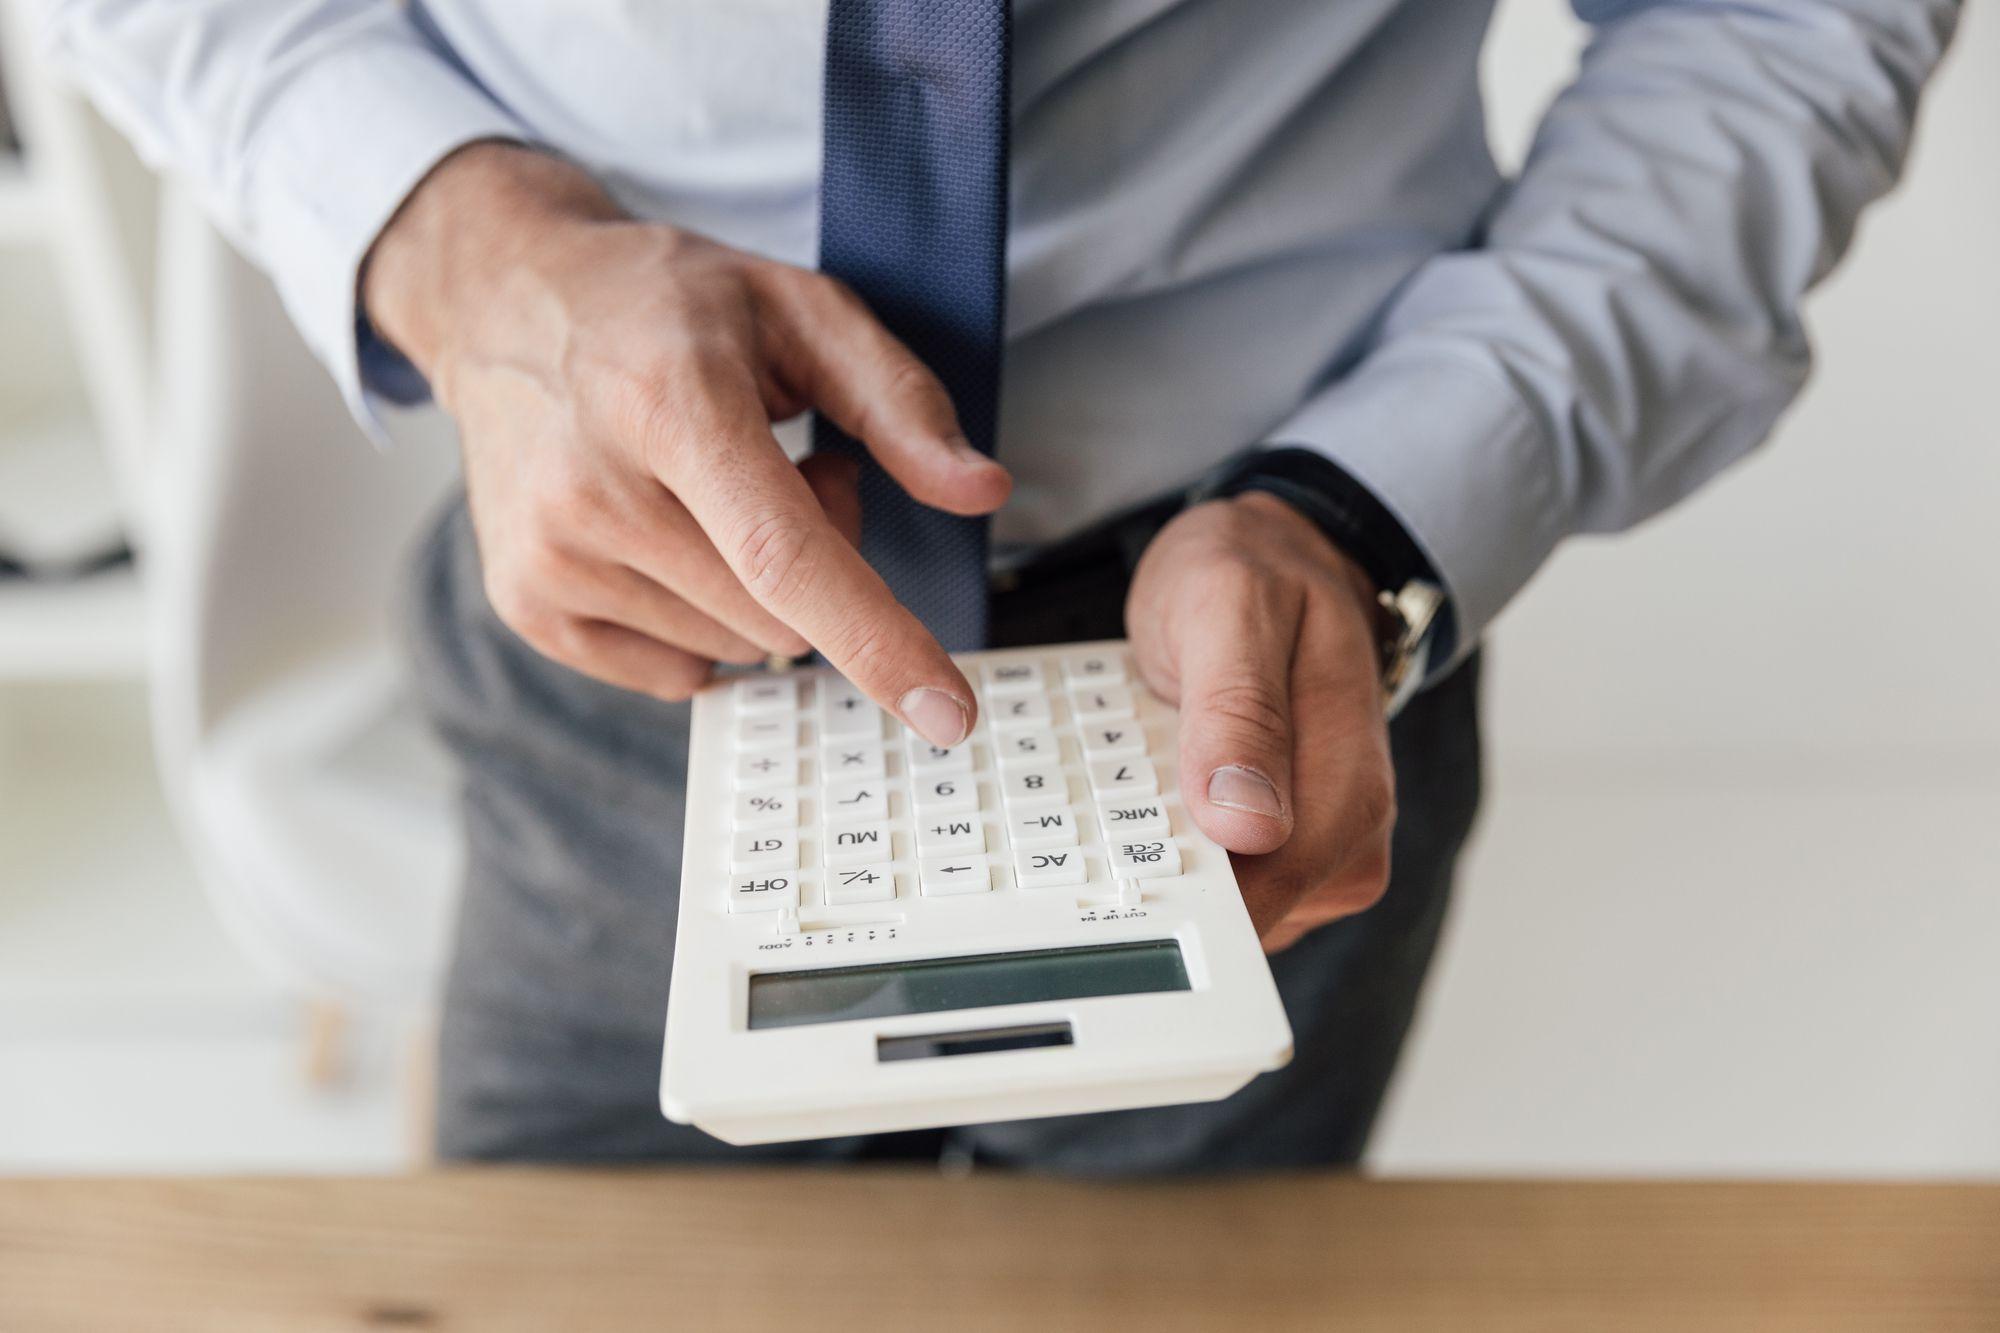 Lucro por cliente: O que é e como calcular o LPC?